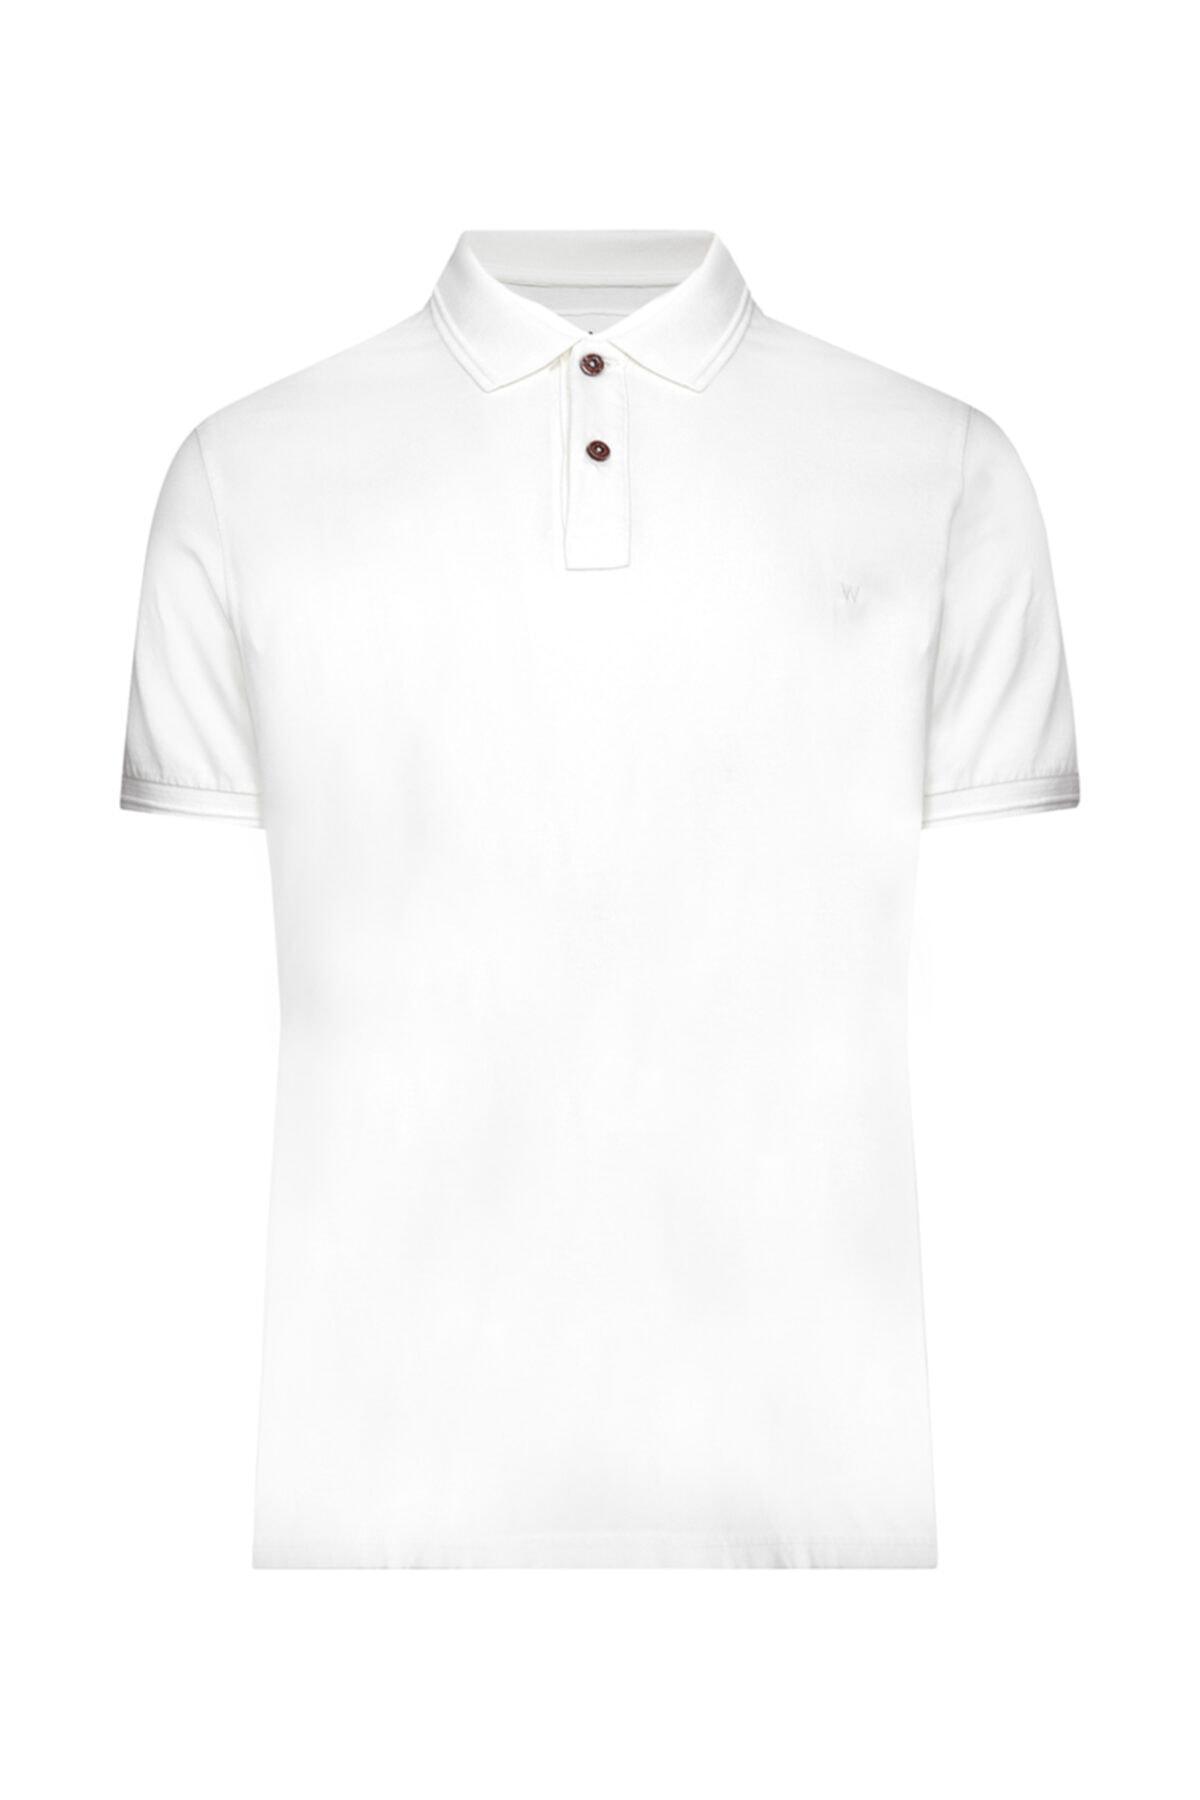 W Collection Erkek Beyaz Polo Yaka T-shirt 1